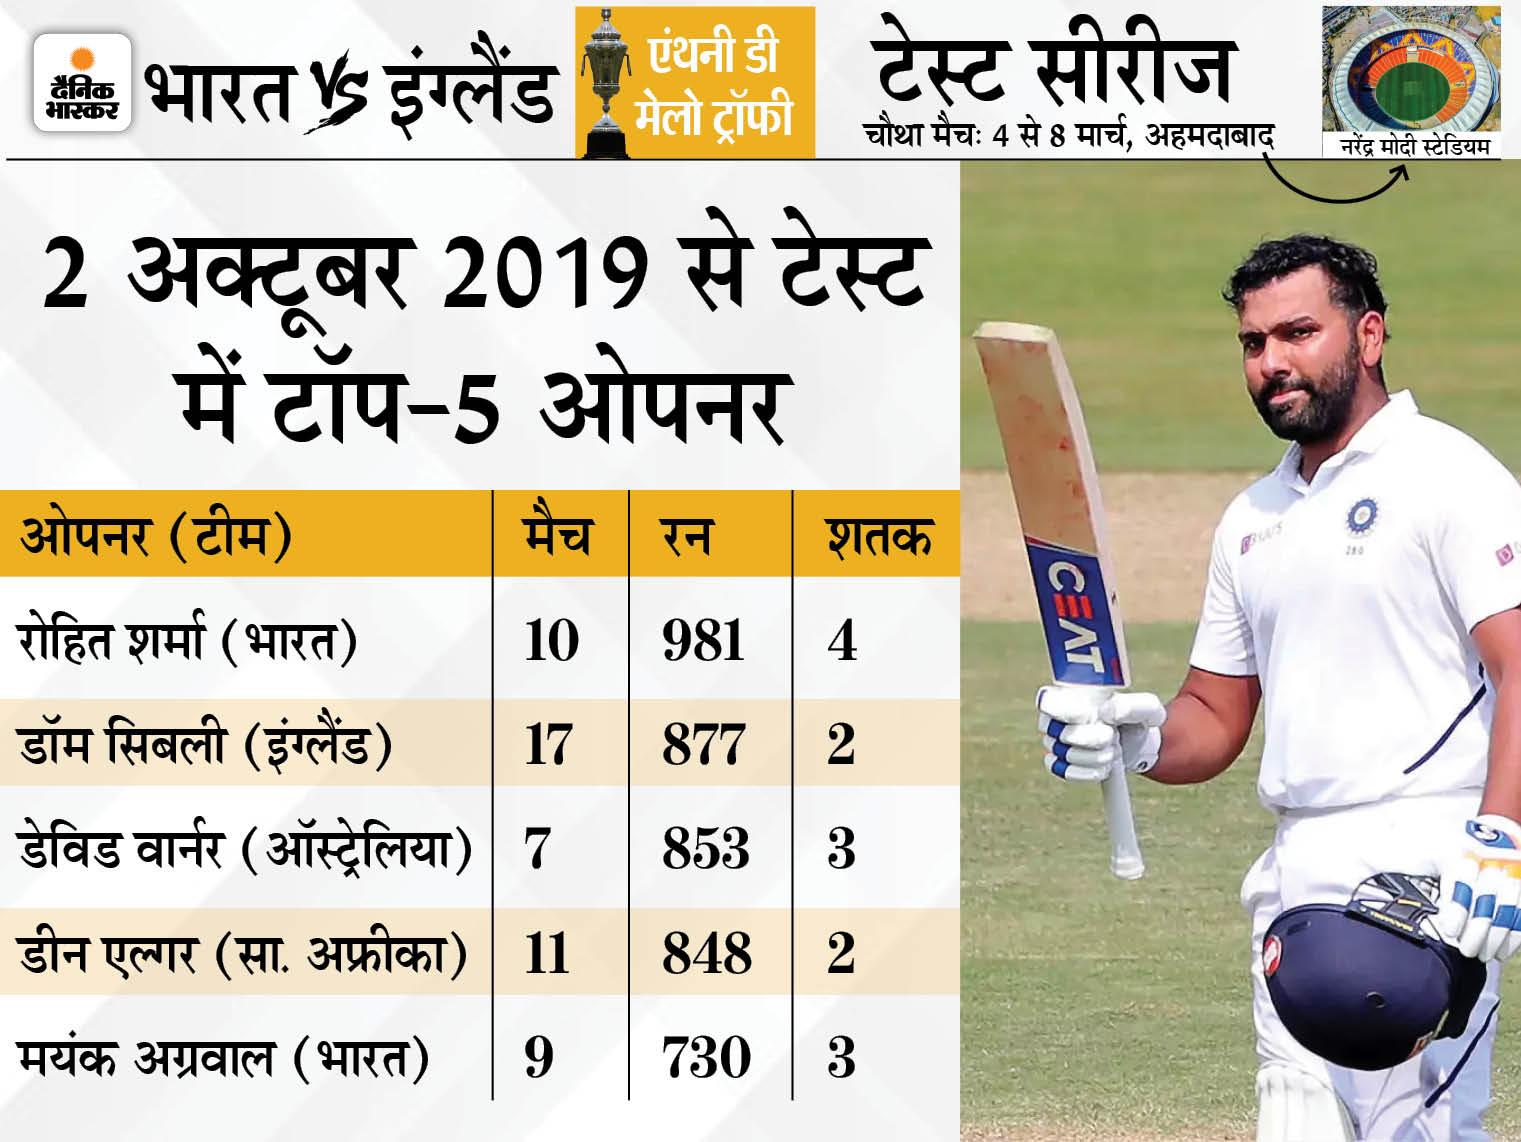 10 टेस्ट में ओपनिंग कर बनाए 981 रन, यह दुनिया में सबसे ज्यादा, 80% मैच भारत ने जीते|क्रिकेट,Cricket - Dainik Bhaskar